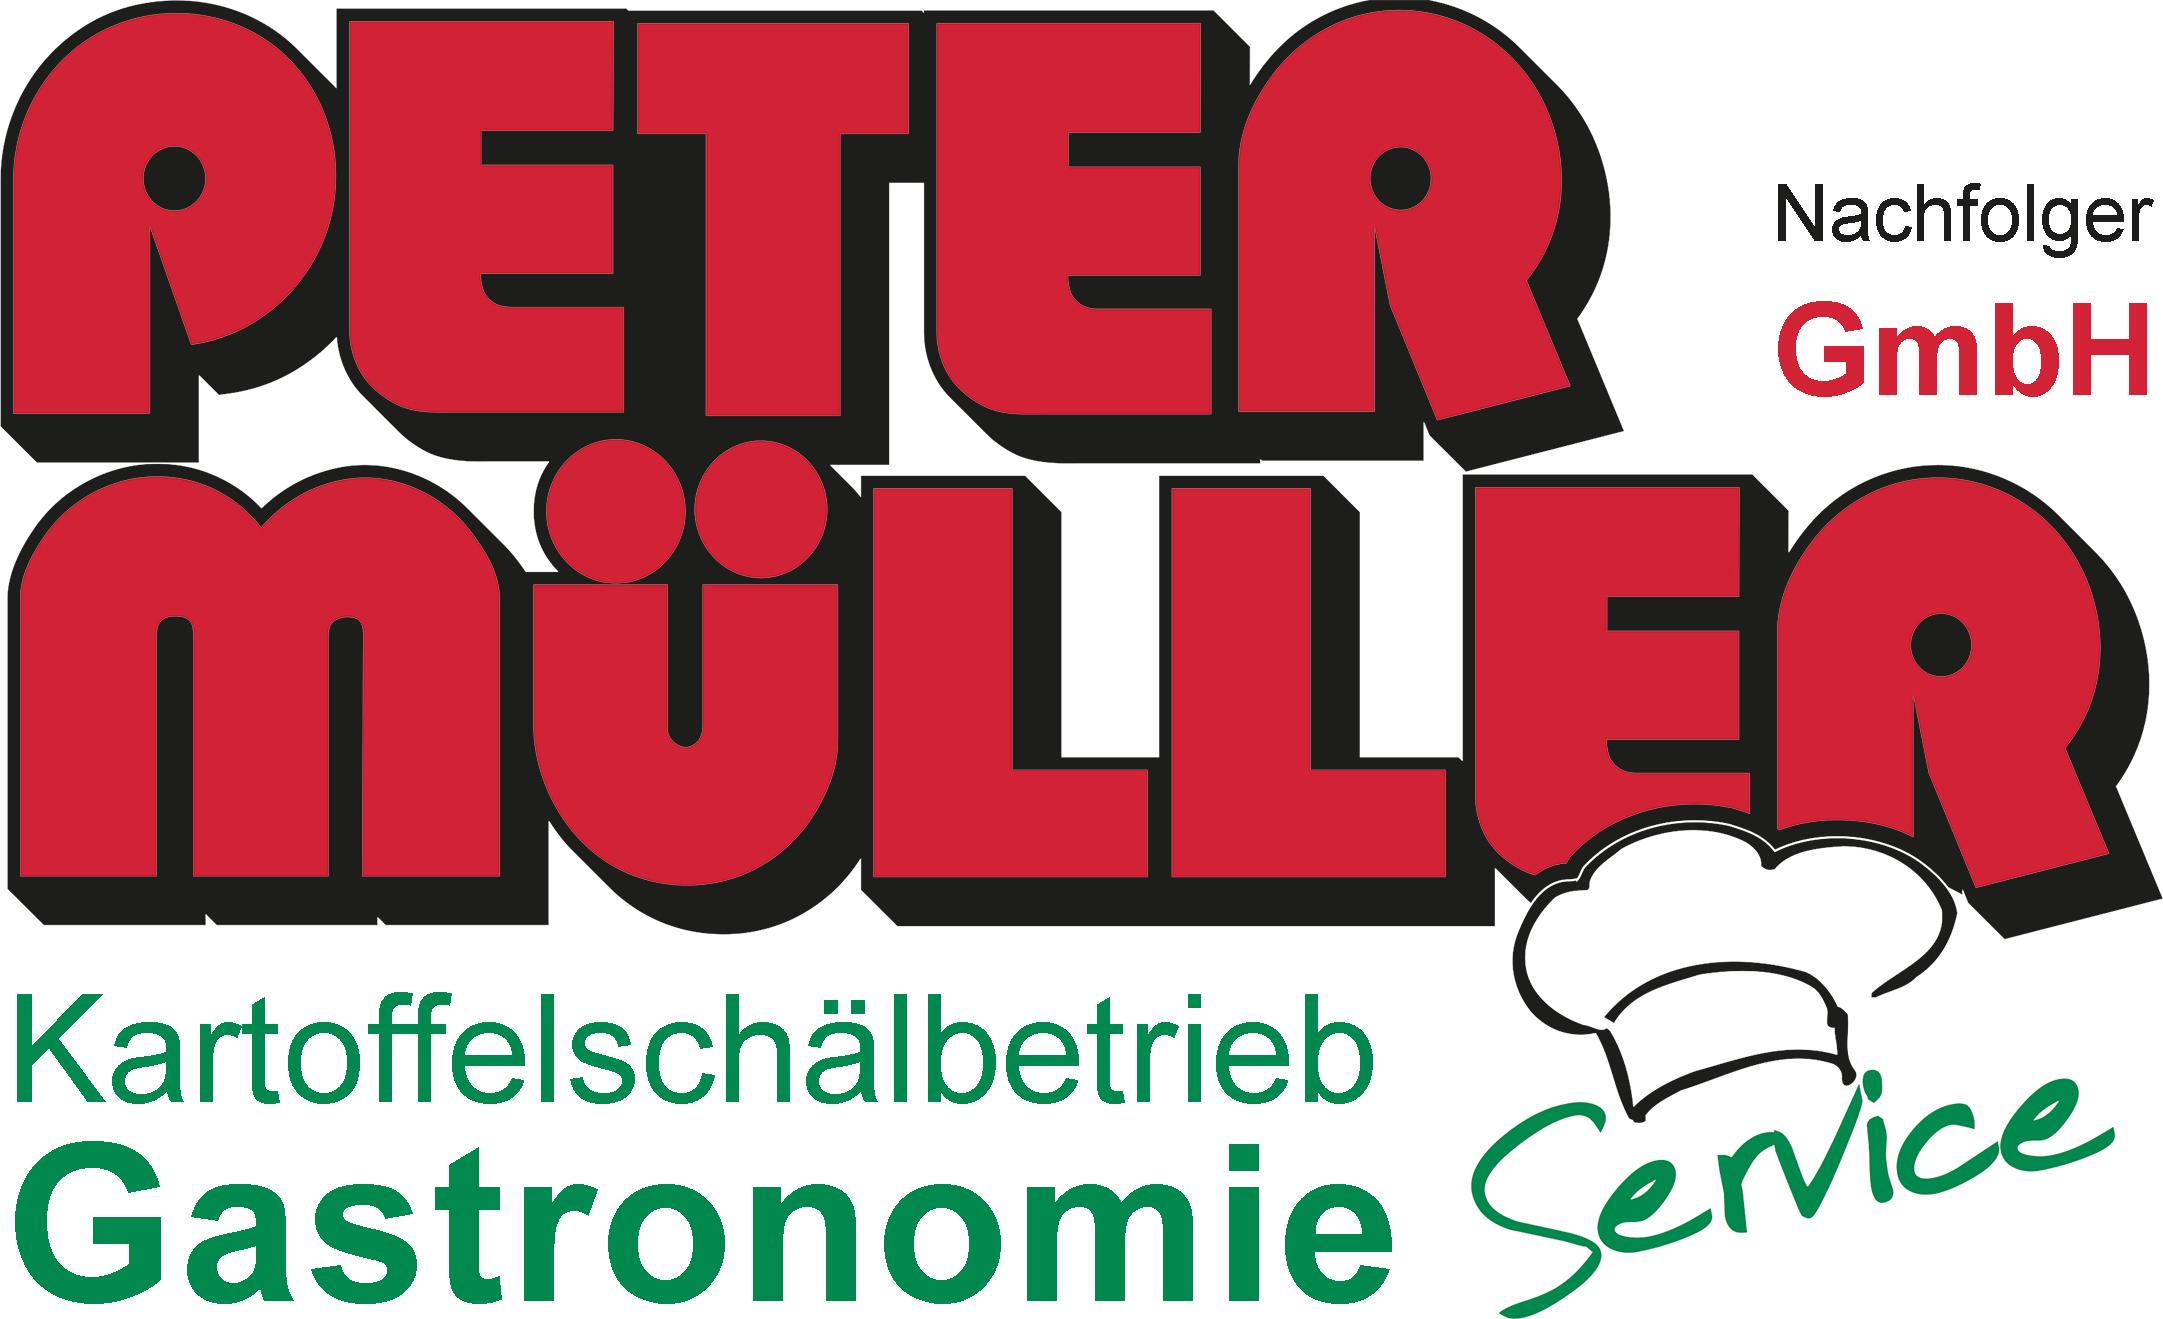 Peter Müller Nachfolger GmbH